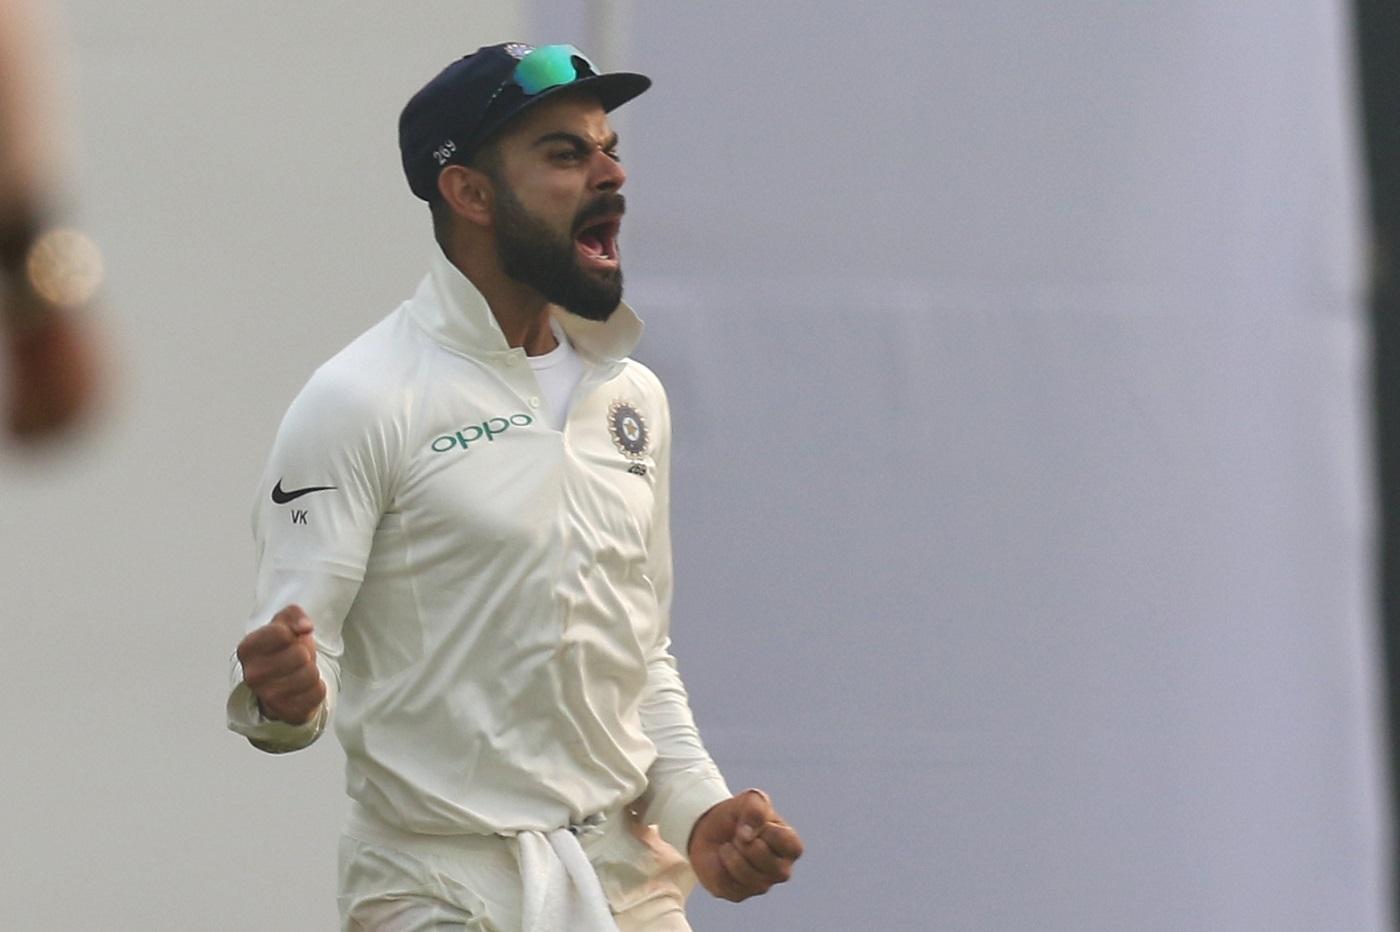 पूर्व भारतीय दिग्गज ने कहा, ''विराट कोहली को अब भी अपनी कप्तानी में काफी सुधार की जरूरत'' 5